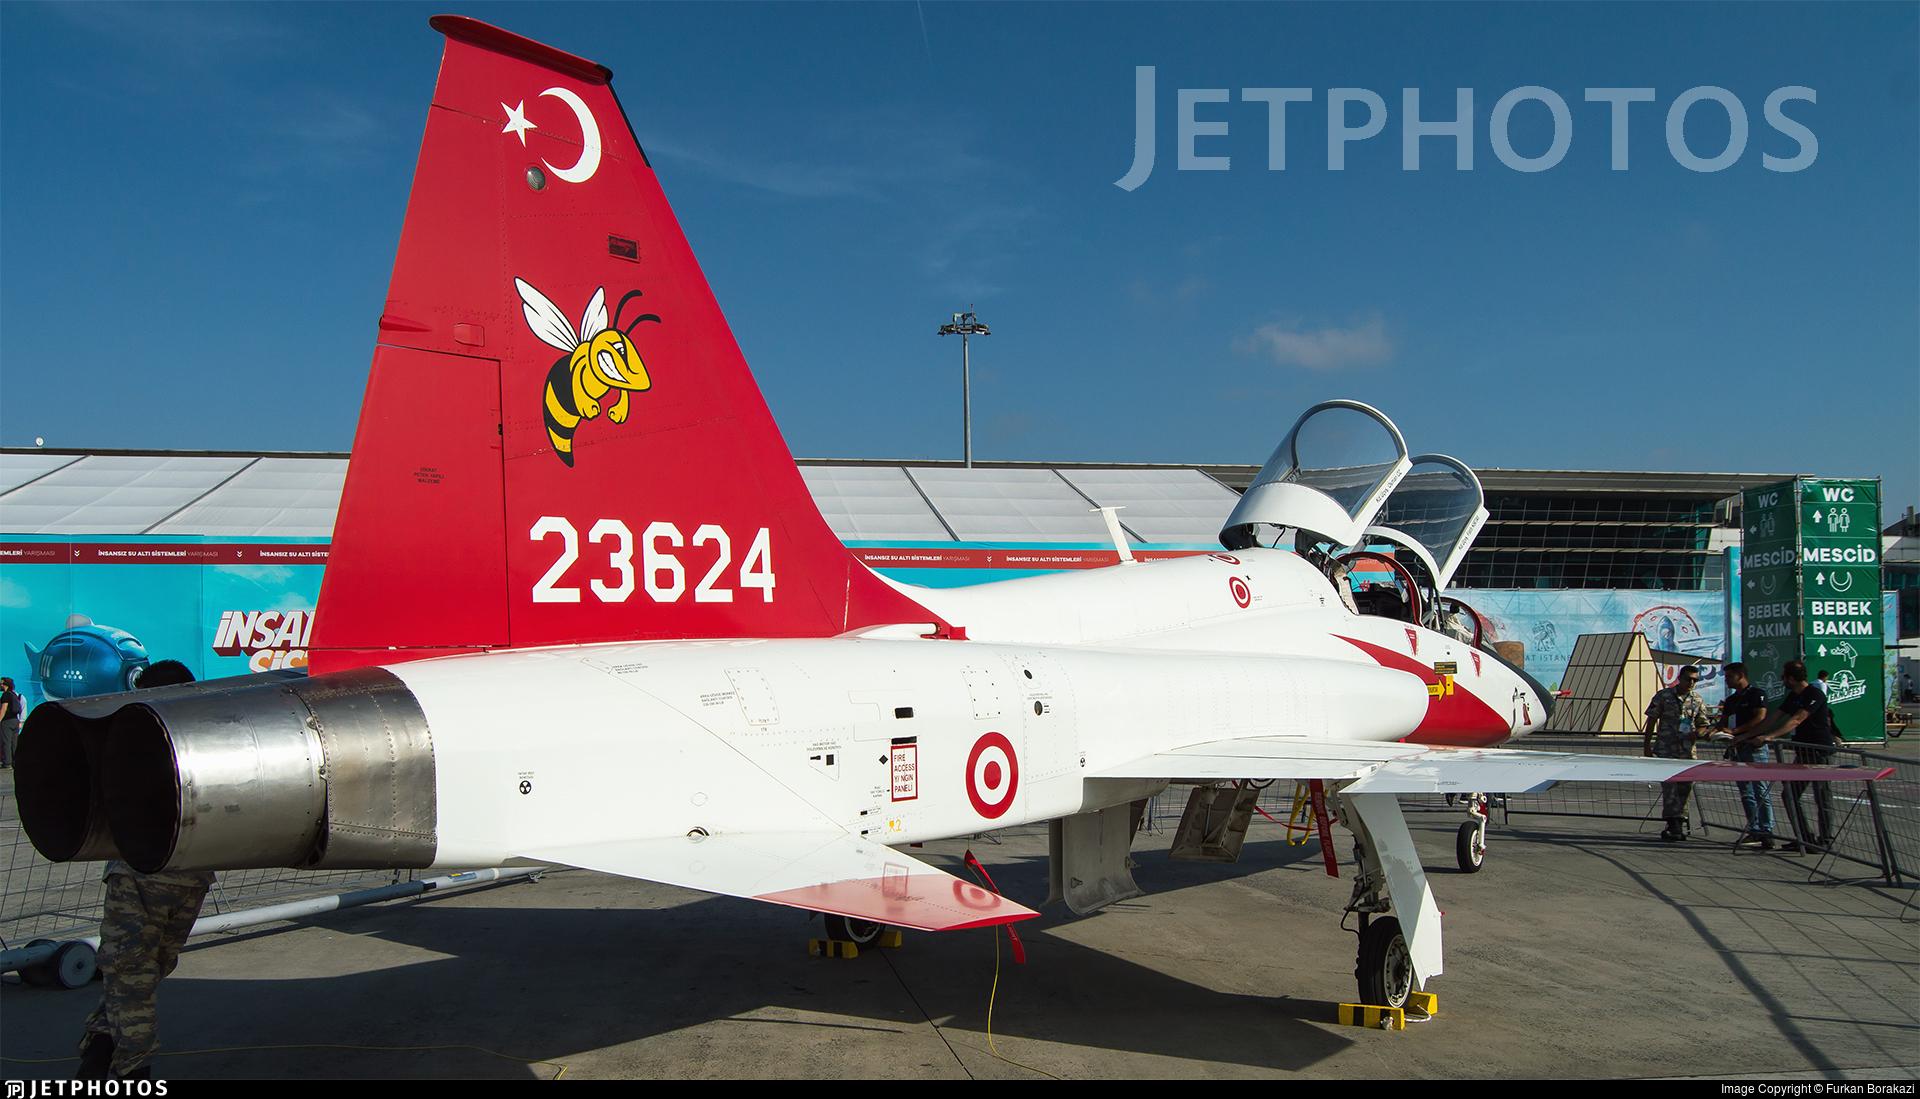 62-3624 - Northrop T-38M Talon - Turkey - Air Force